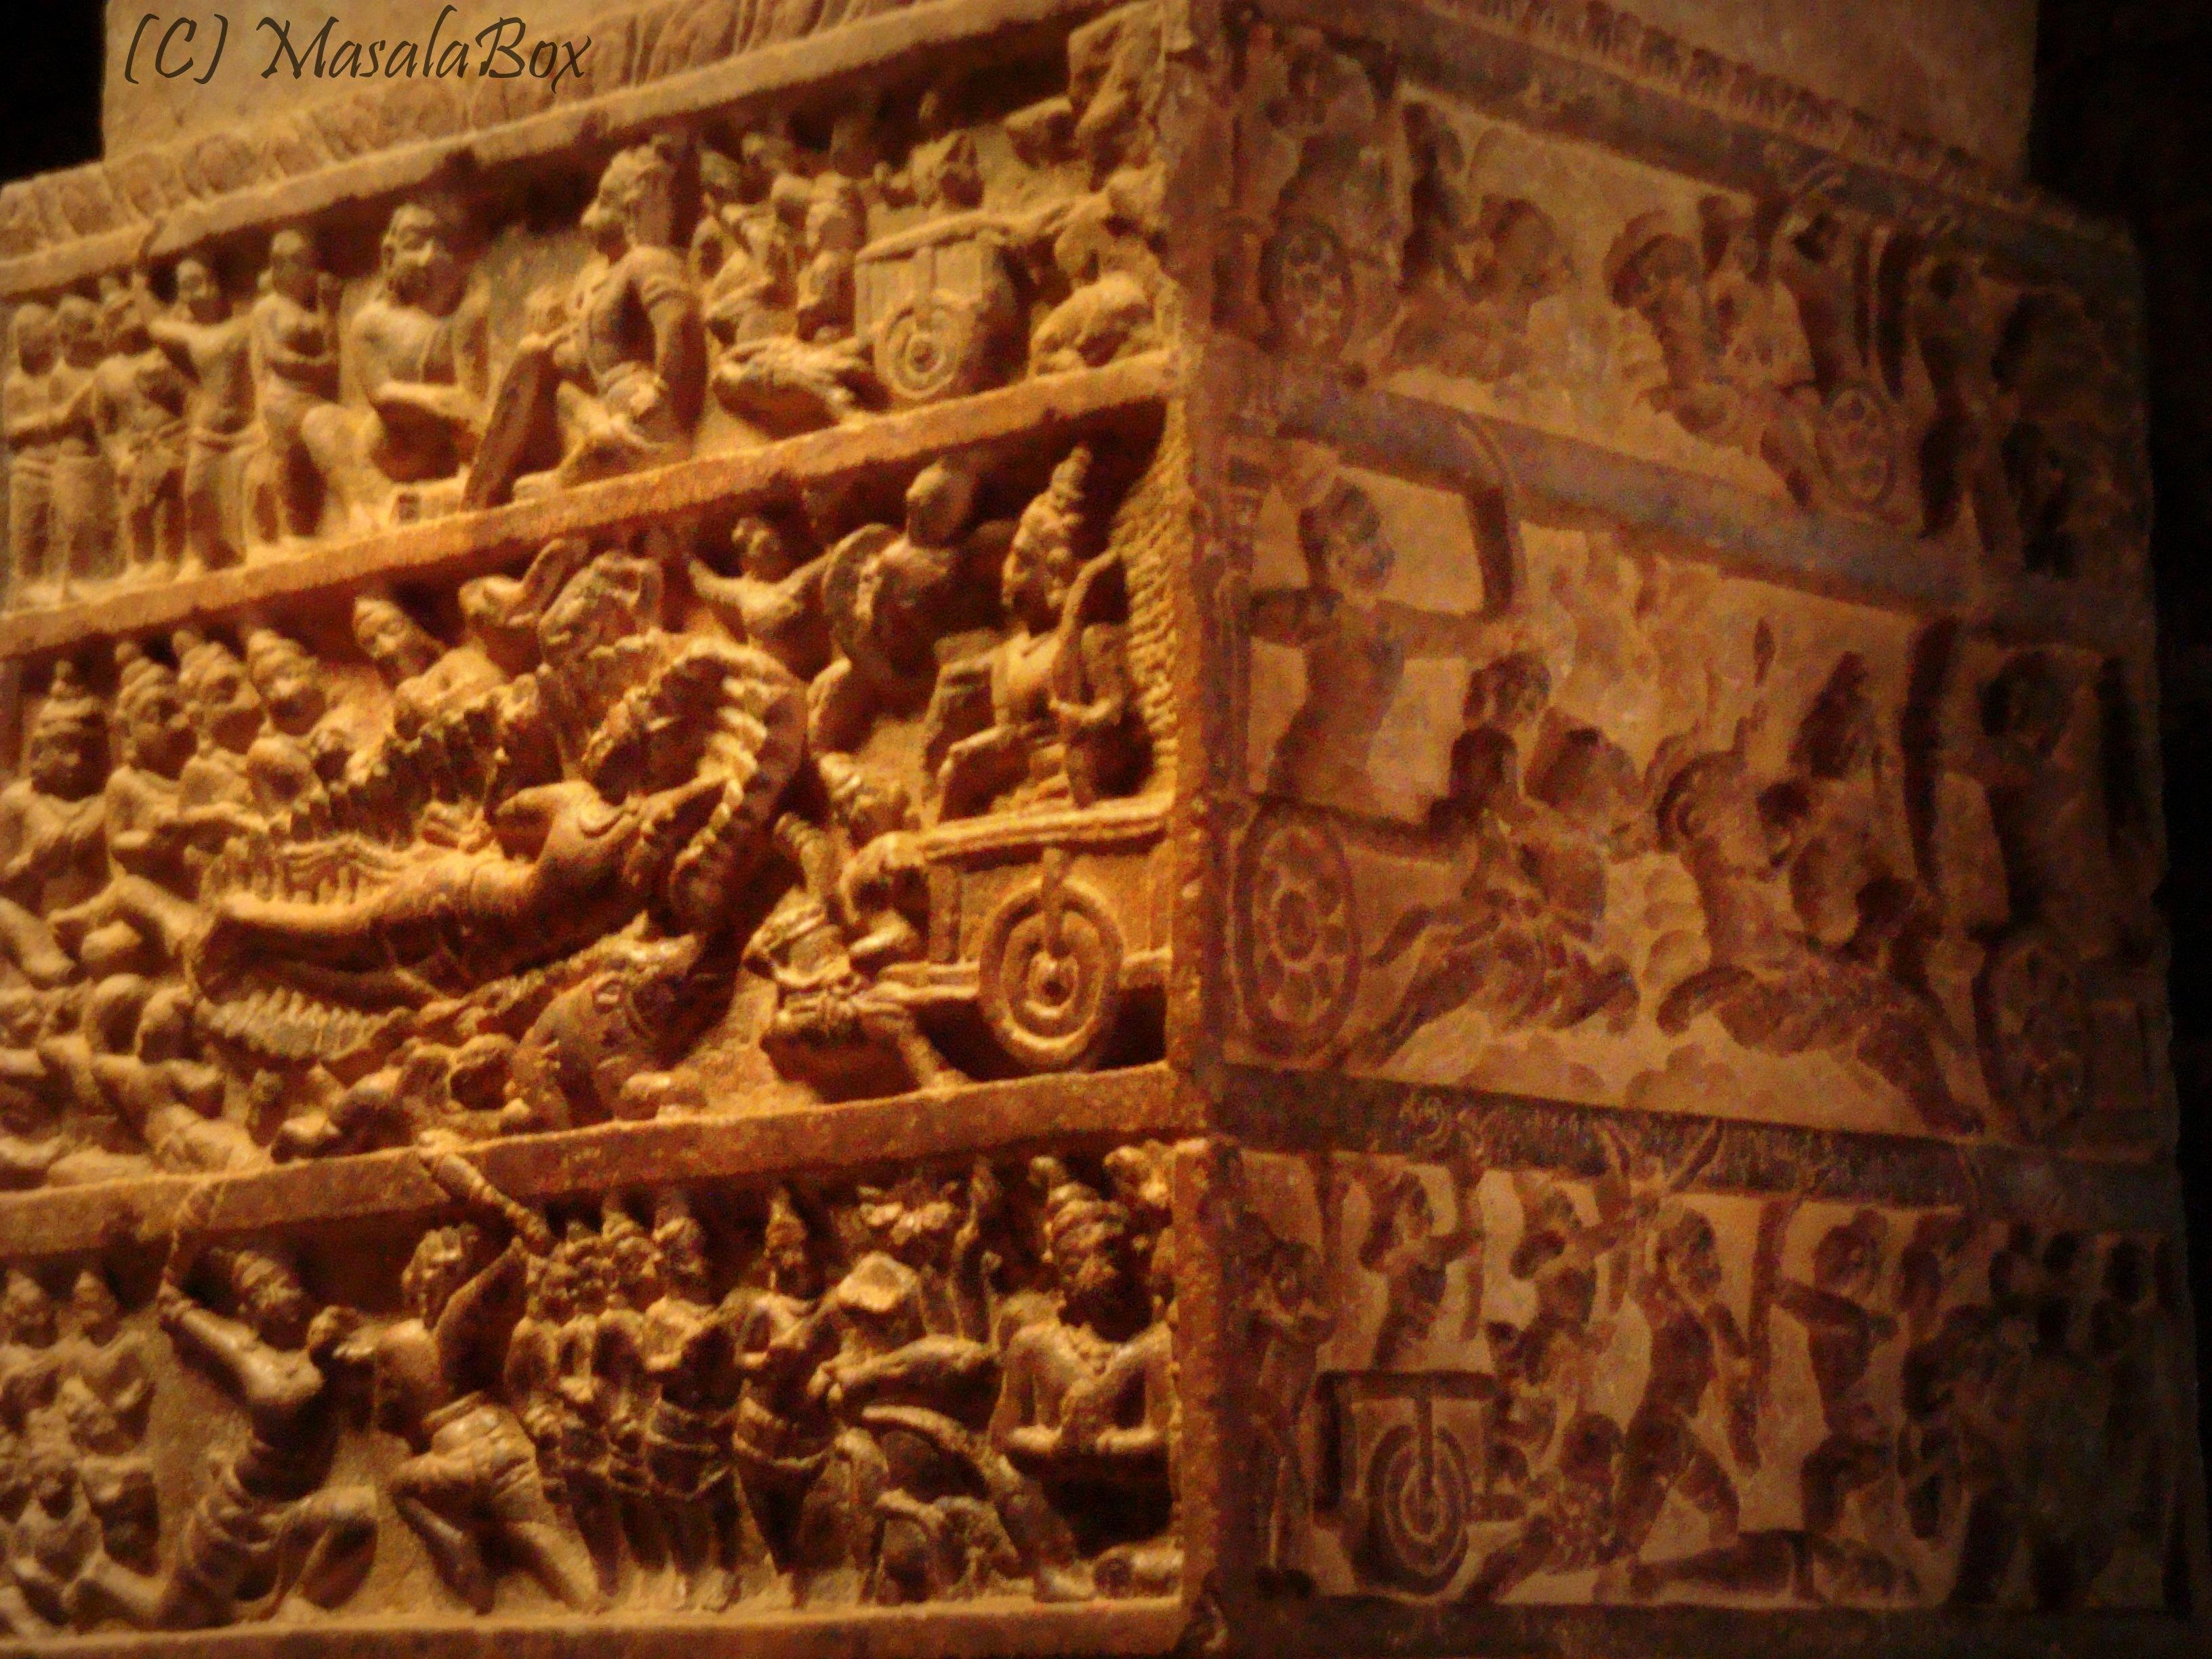 Pattadakal - Story from Mahabharatha